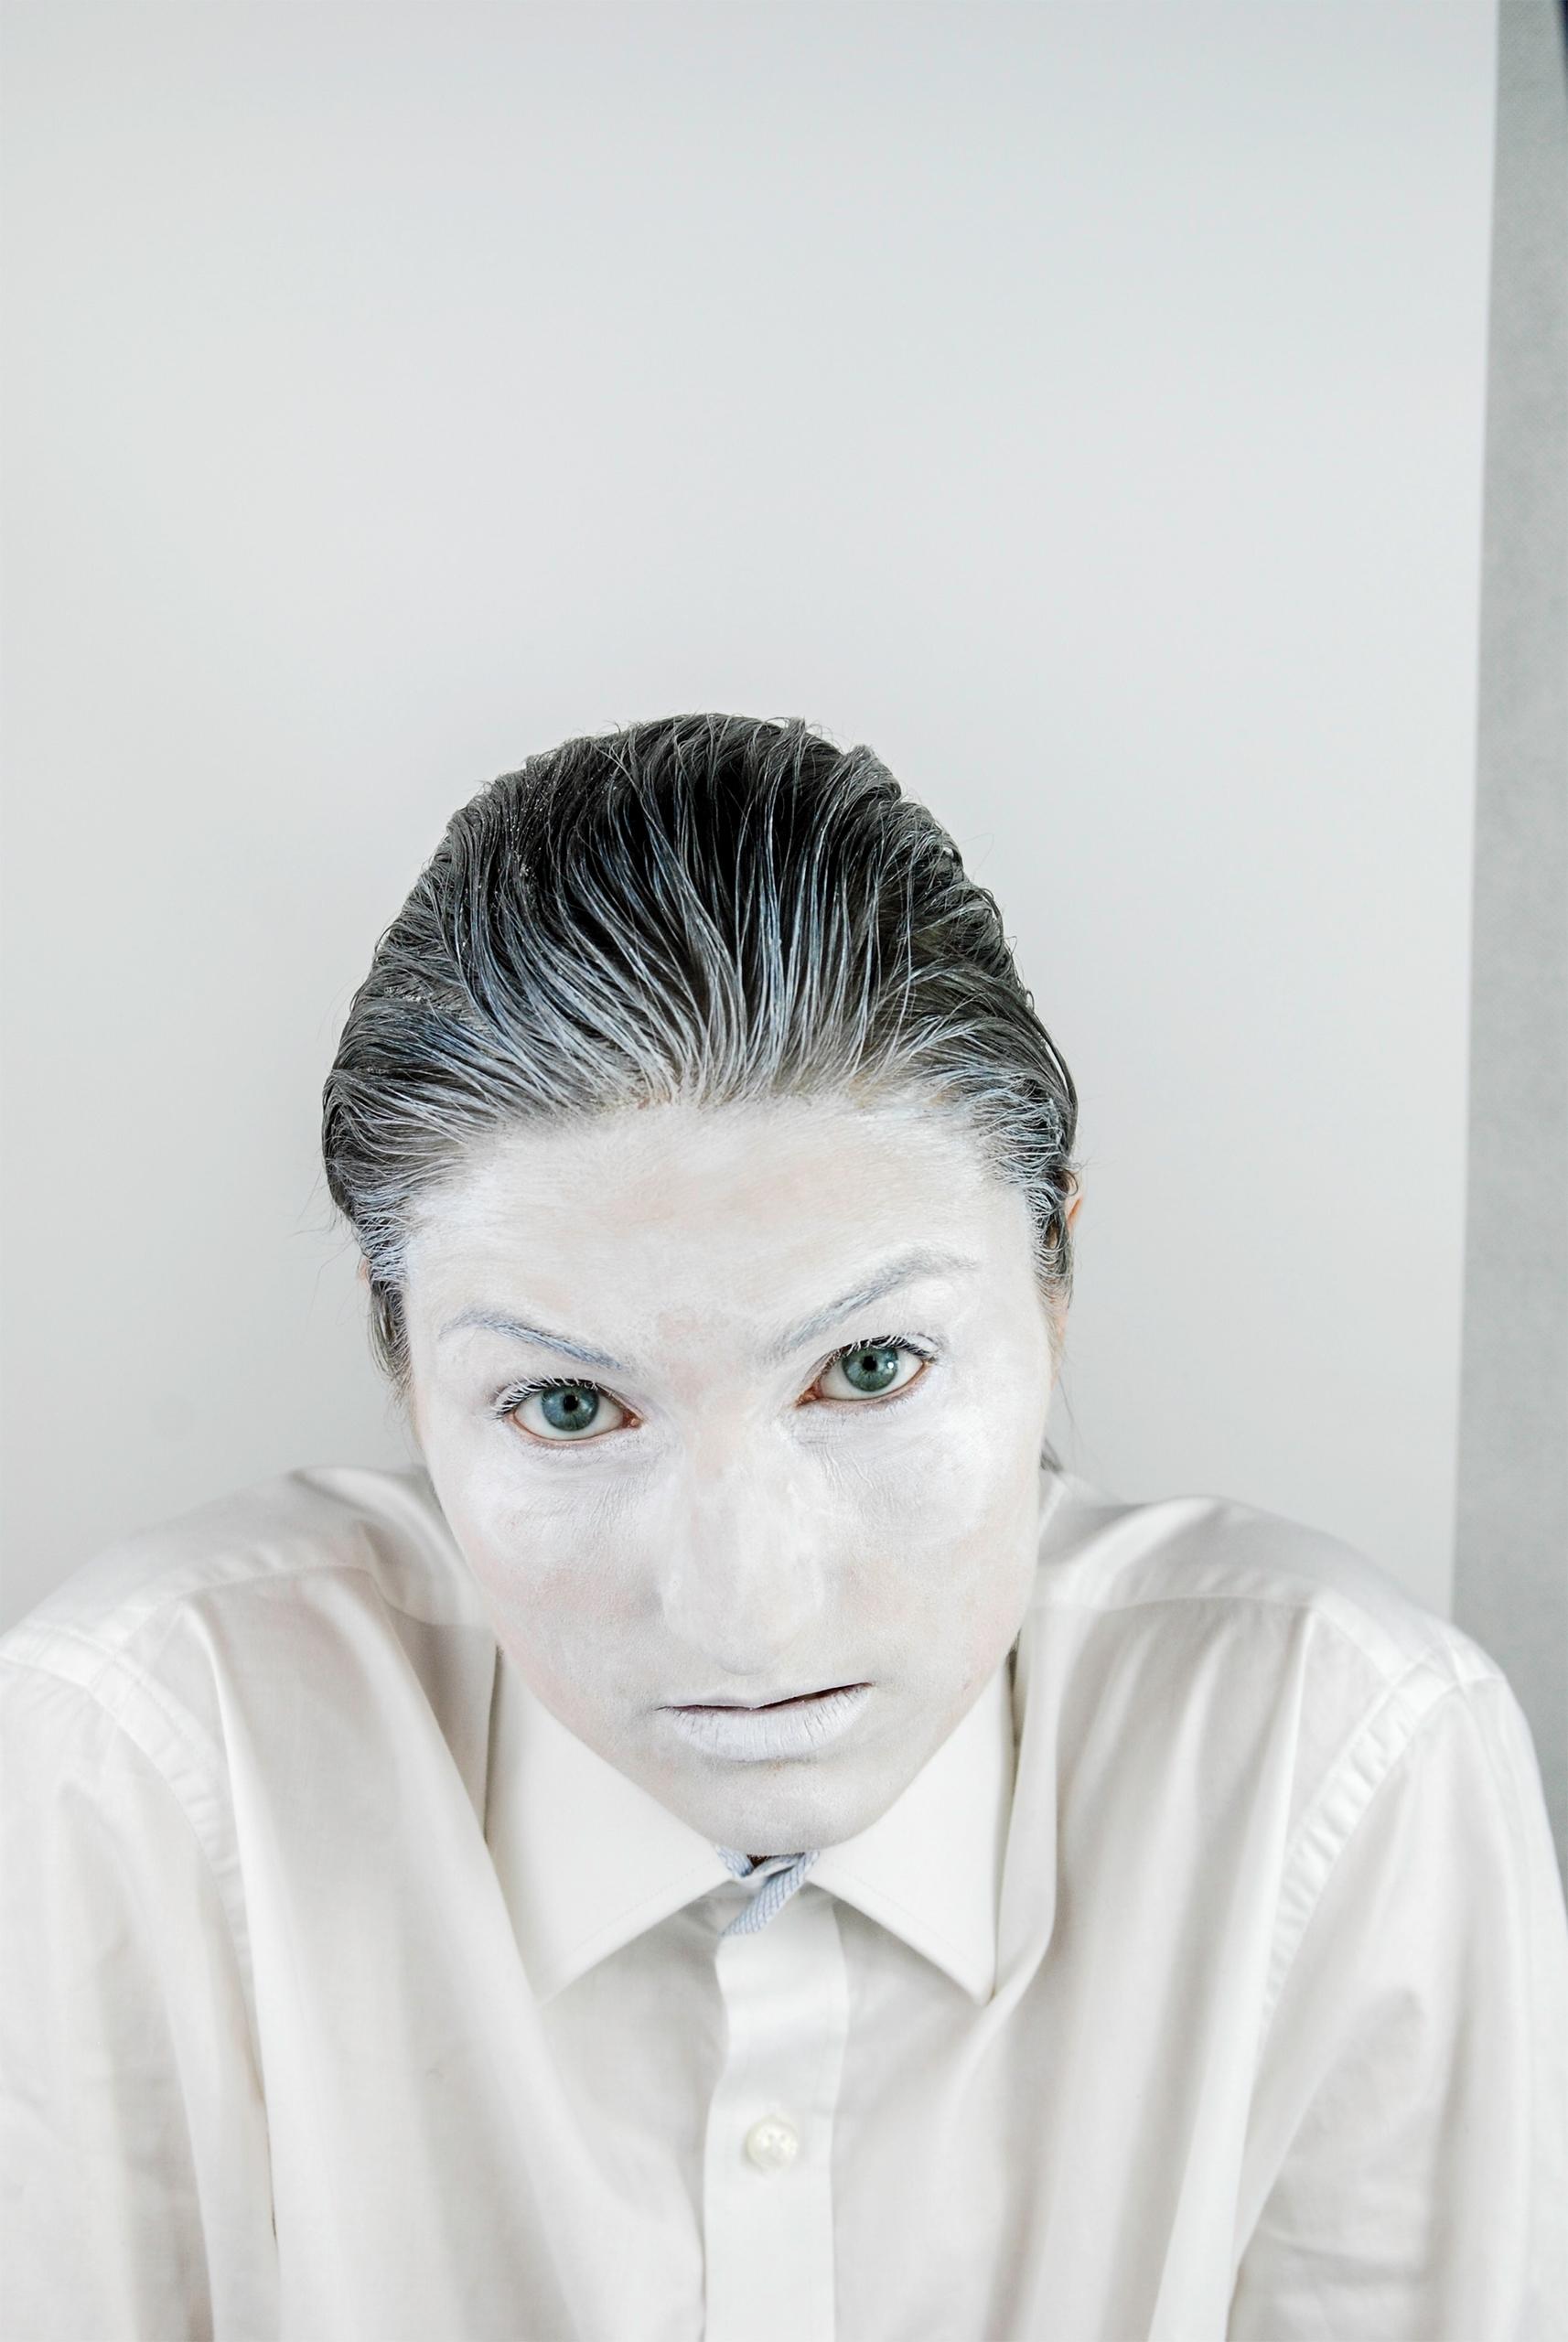 Zdjęcie przedstawia postać pomalowaną na biało w lekko zgarbionej pozycji ciała.